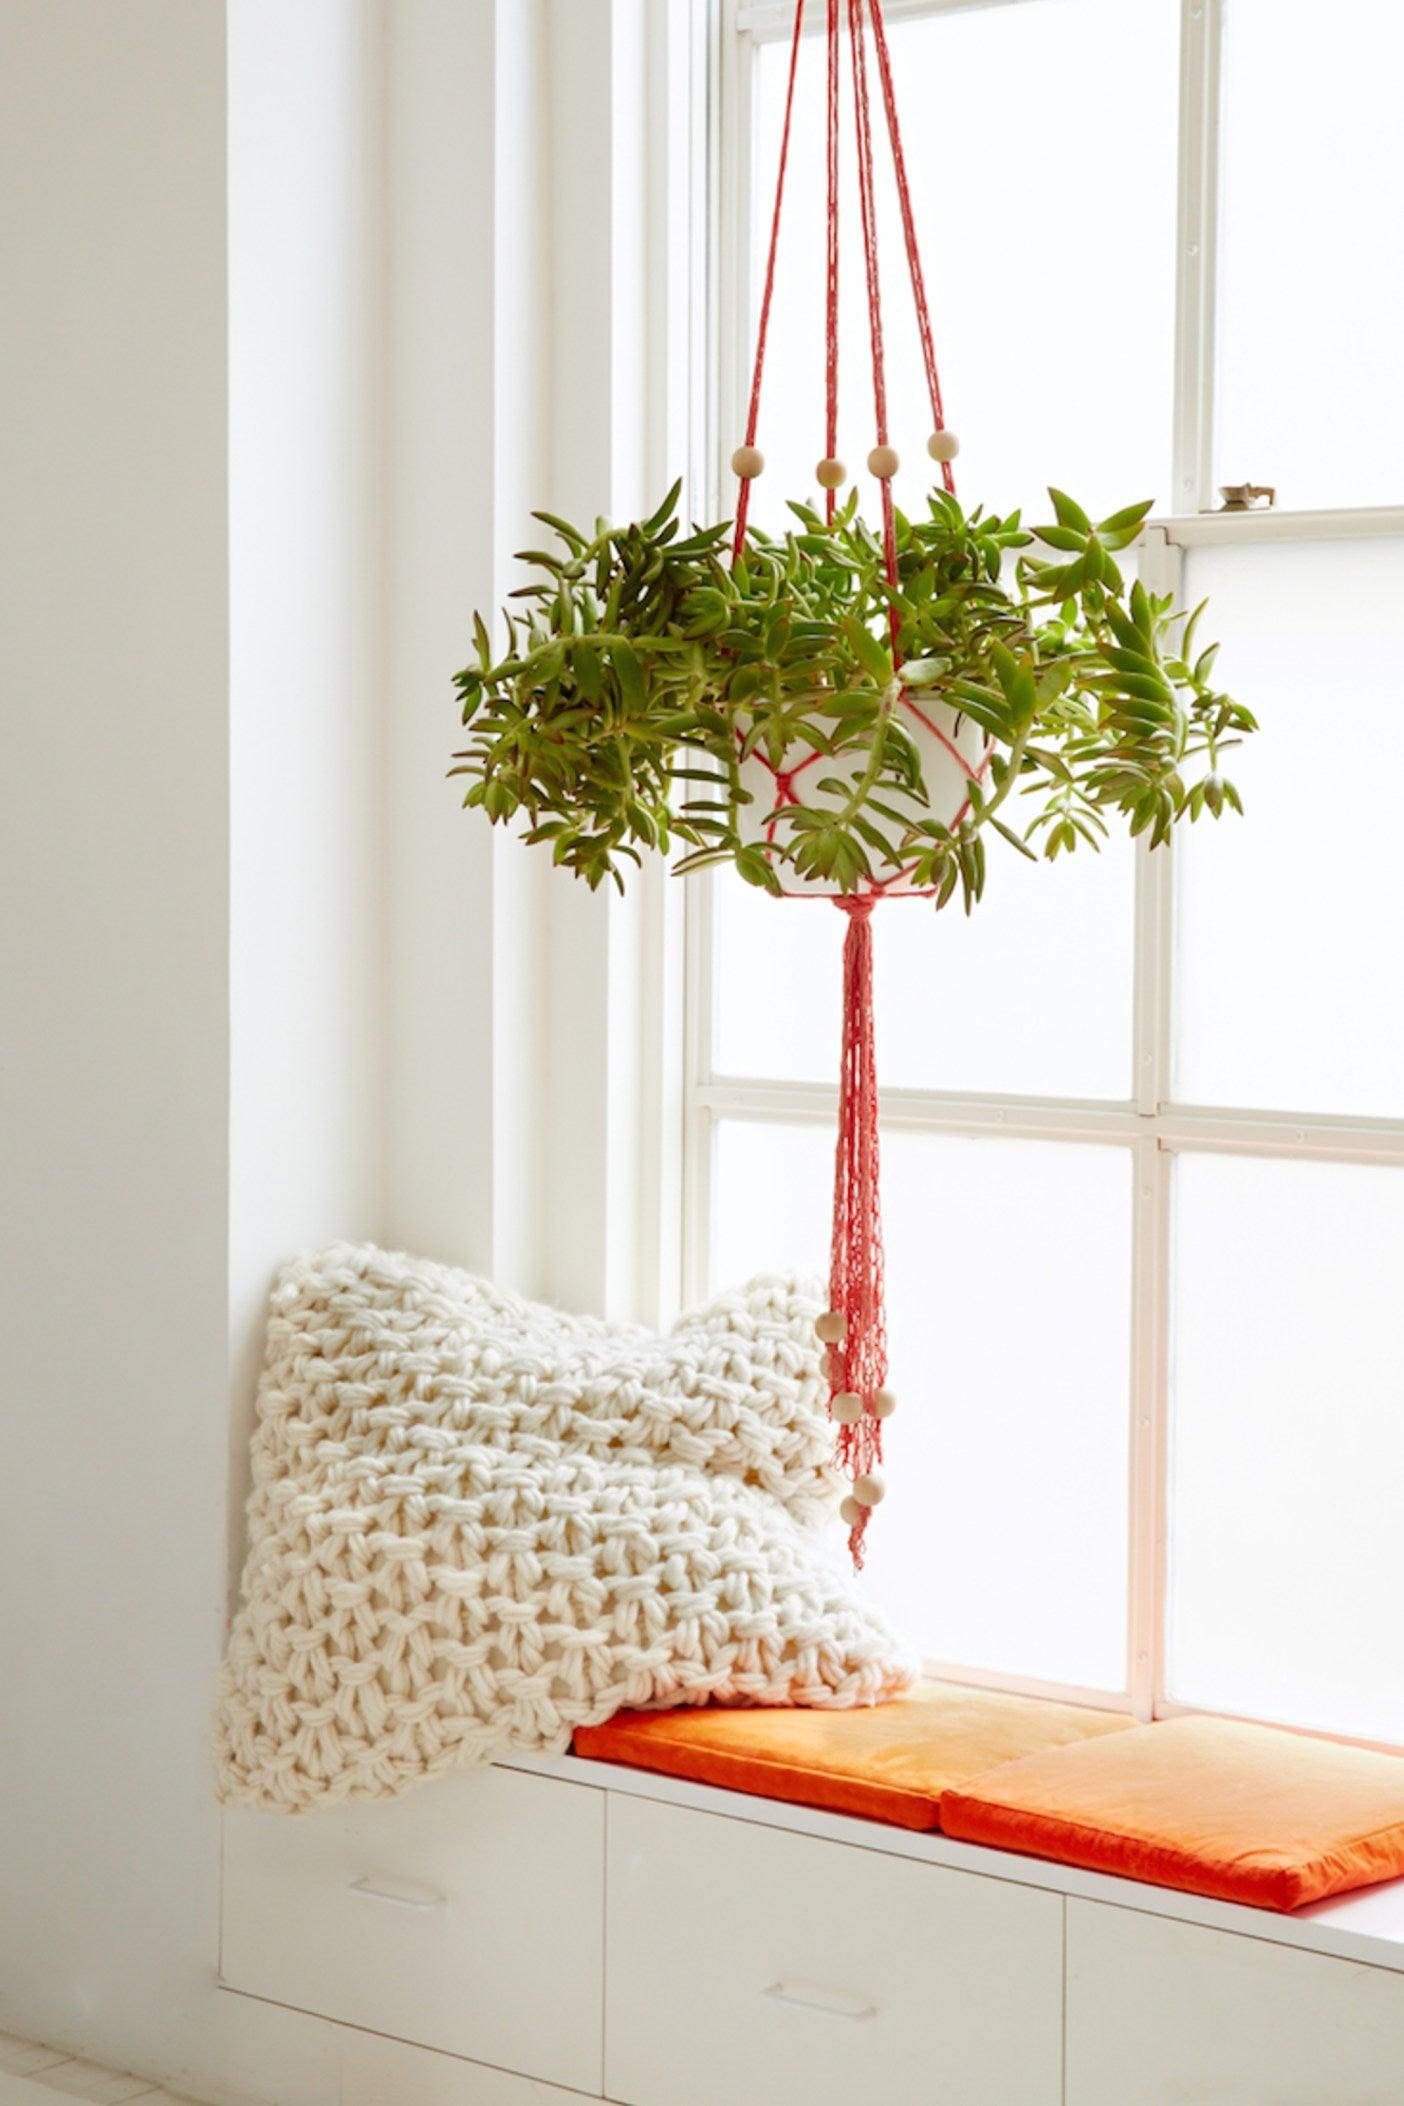 FEATURE_Finger Knit Plant Hanger